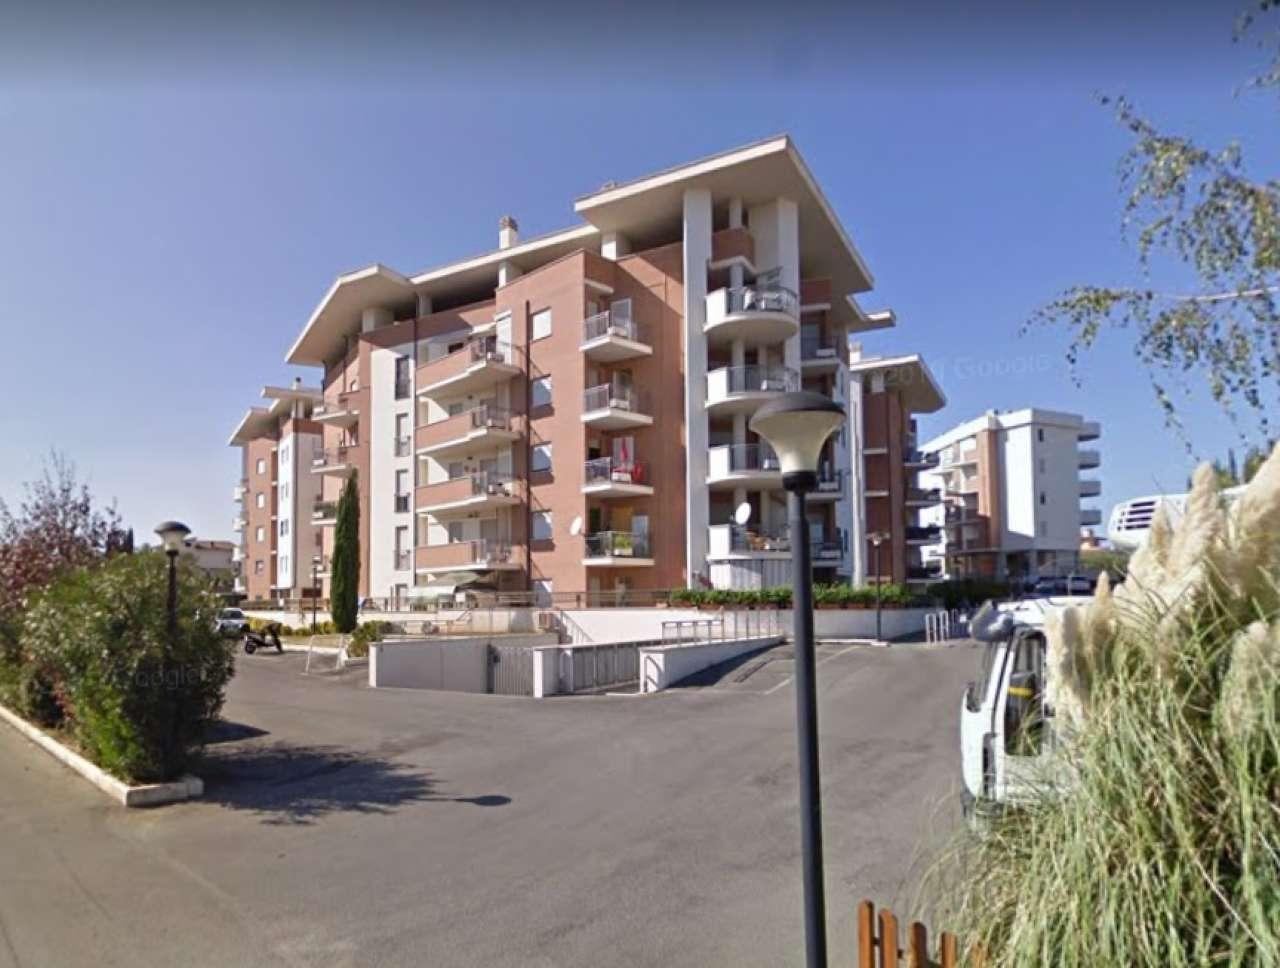 Appartamento in vendita a Fiano Romano, 2 locali, prezzo € 85.000 | CambioCasa.it